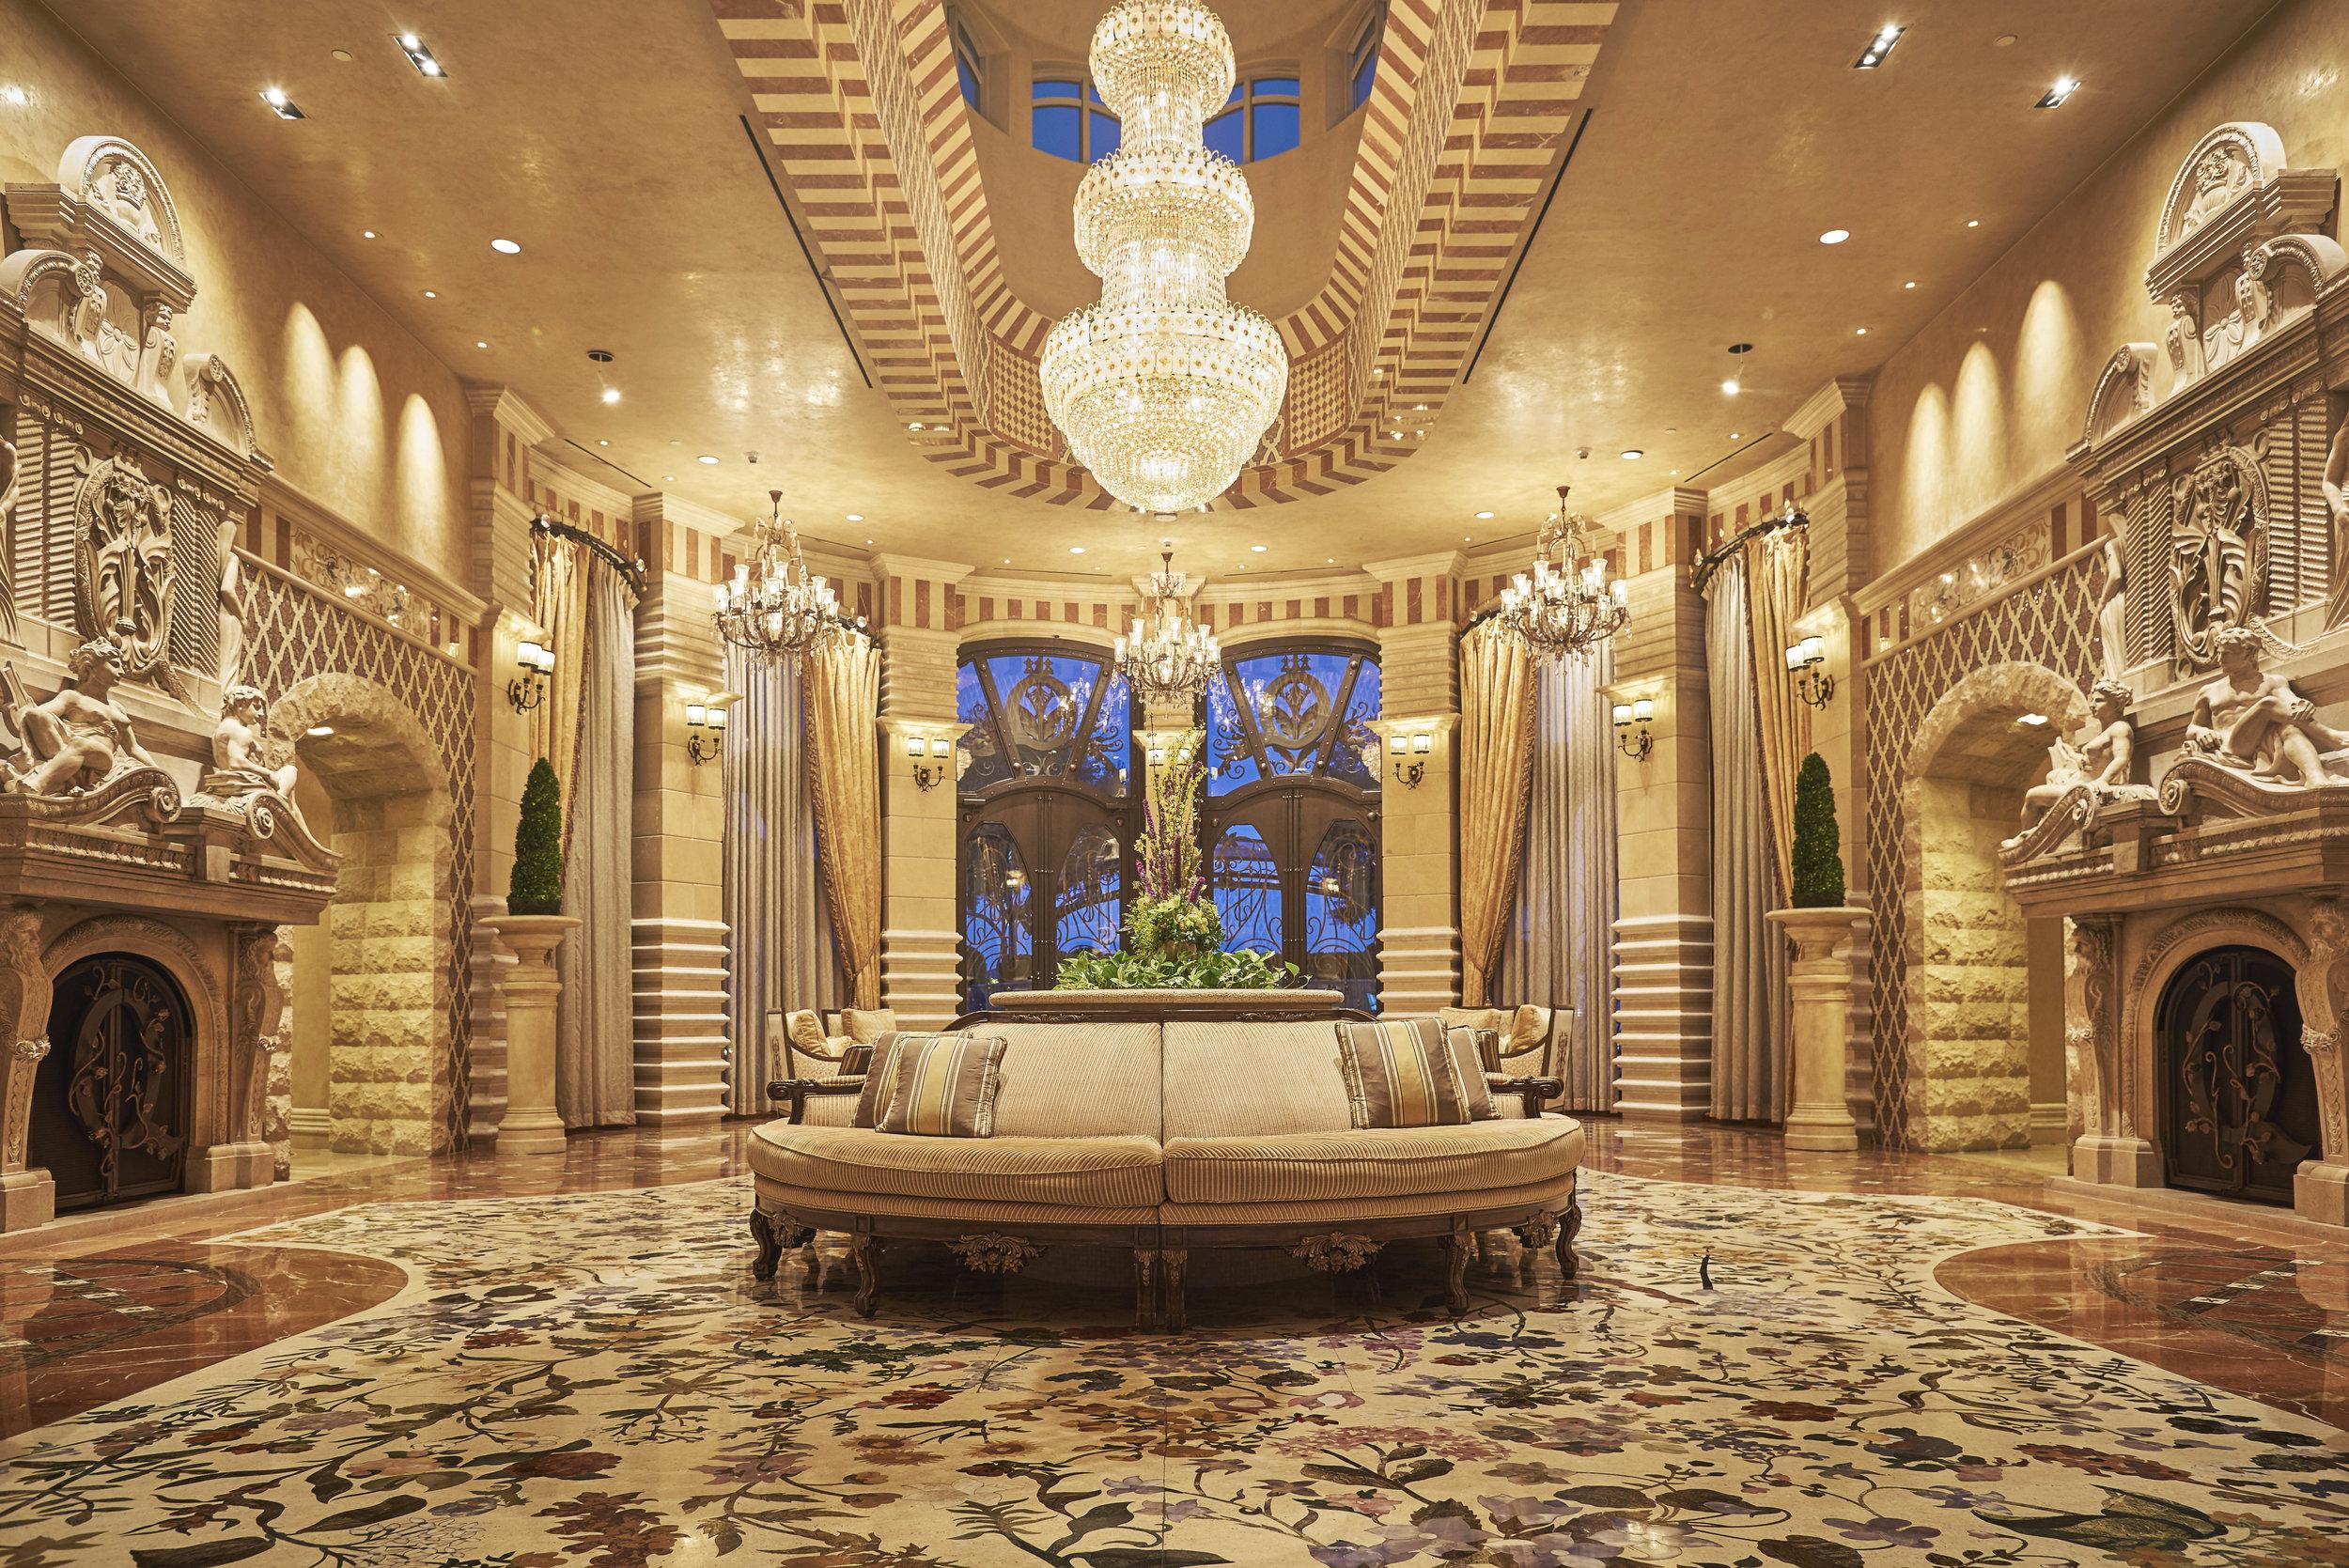 QueensRidge_interior9.jpg